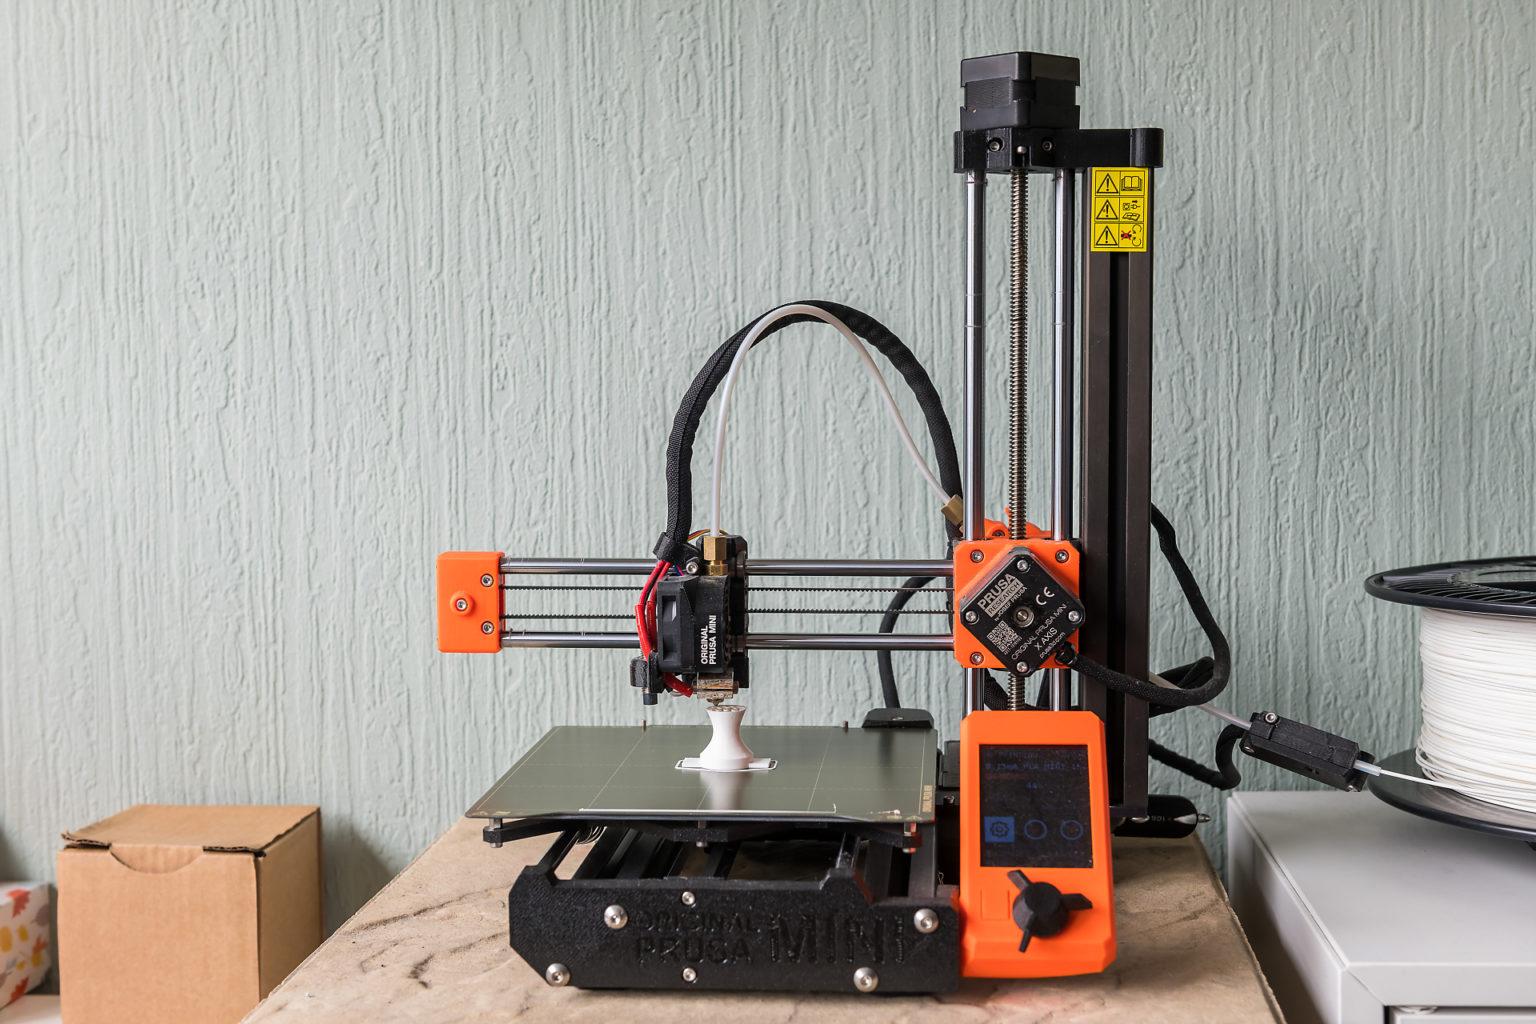 Imprimante 3D en pleine action chez Yann Jacquet, iideo